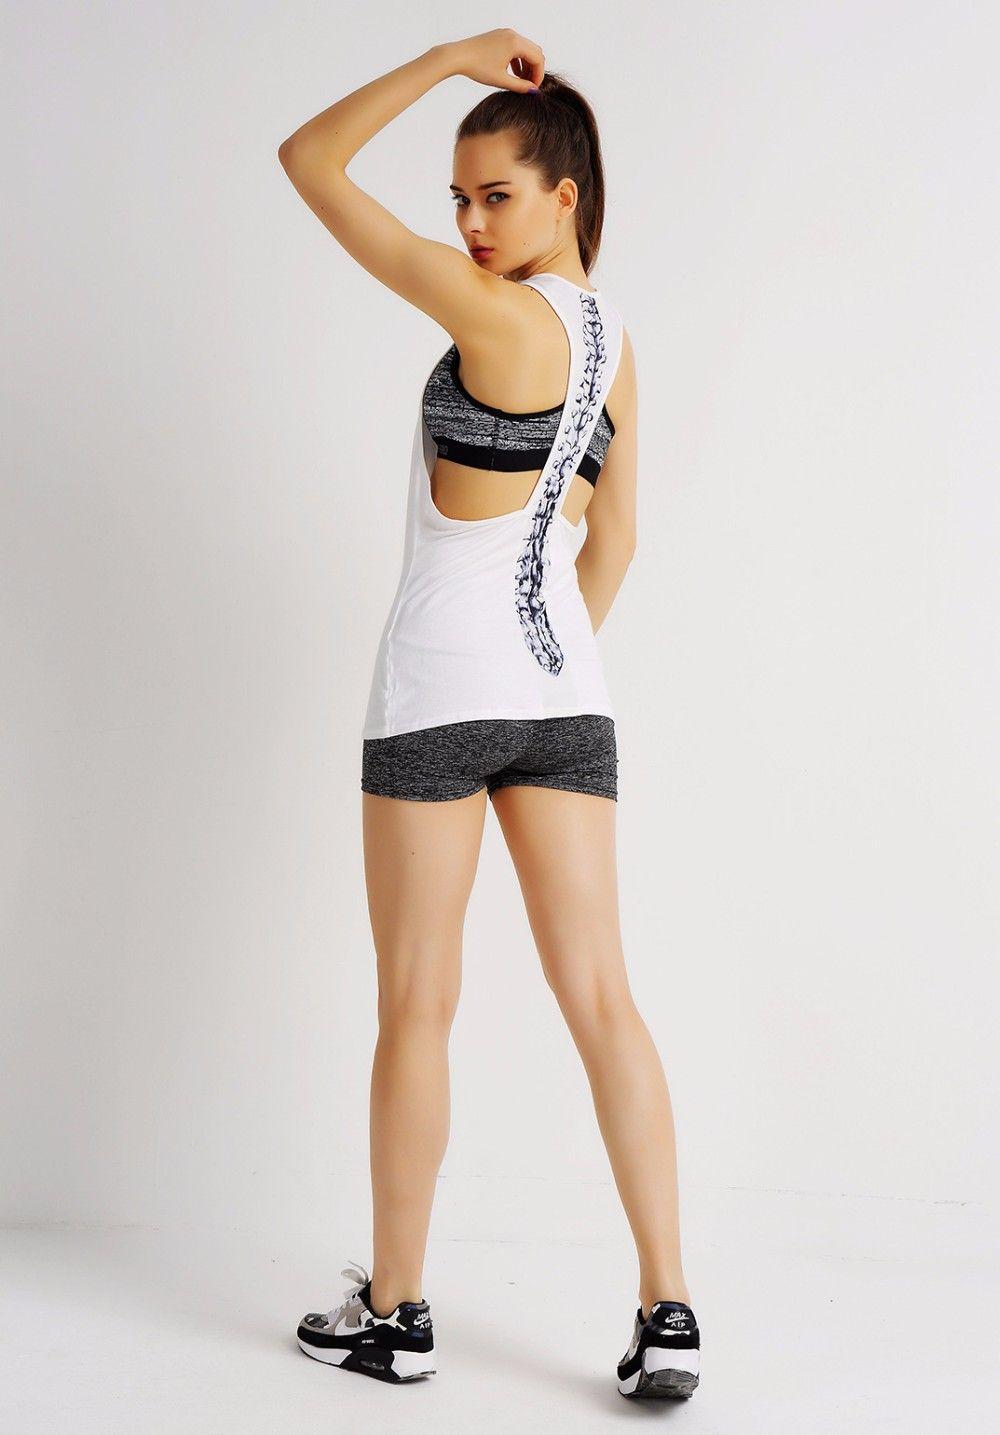 Ropa de Yoga para mujer Camisa de la Yoga Sexy Back Top Gimnasio Jogging  Running Top Mujer Ropa de Yoga Deportivo de Fitness Chaleco Femenino G 020  en de en ... a6519241ef26